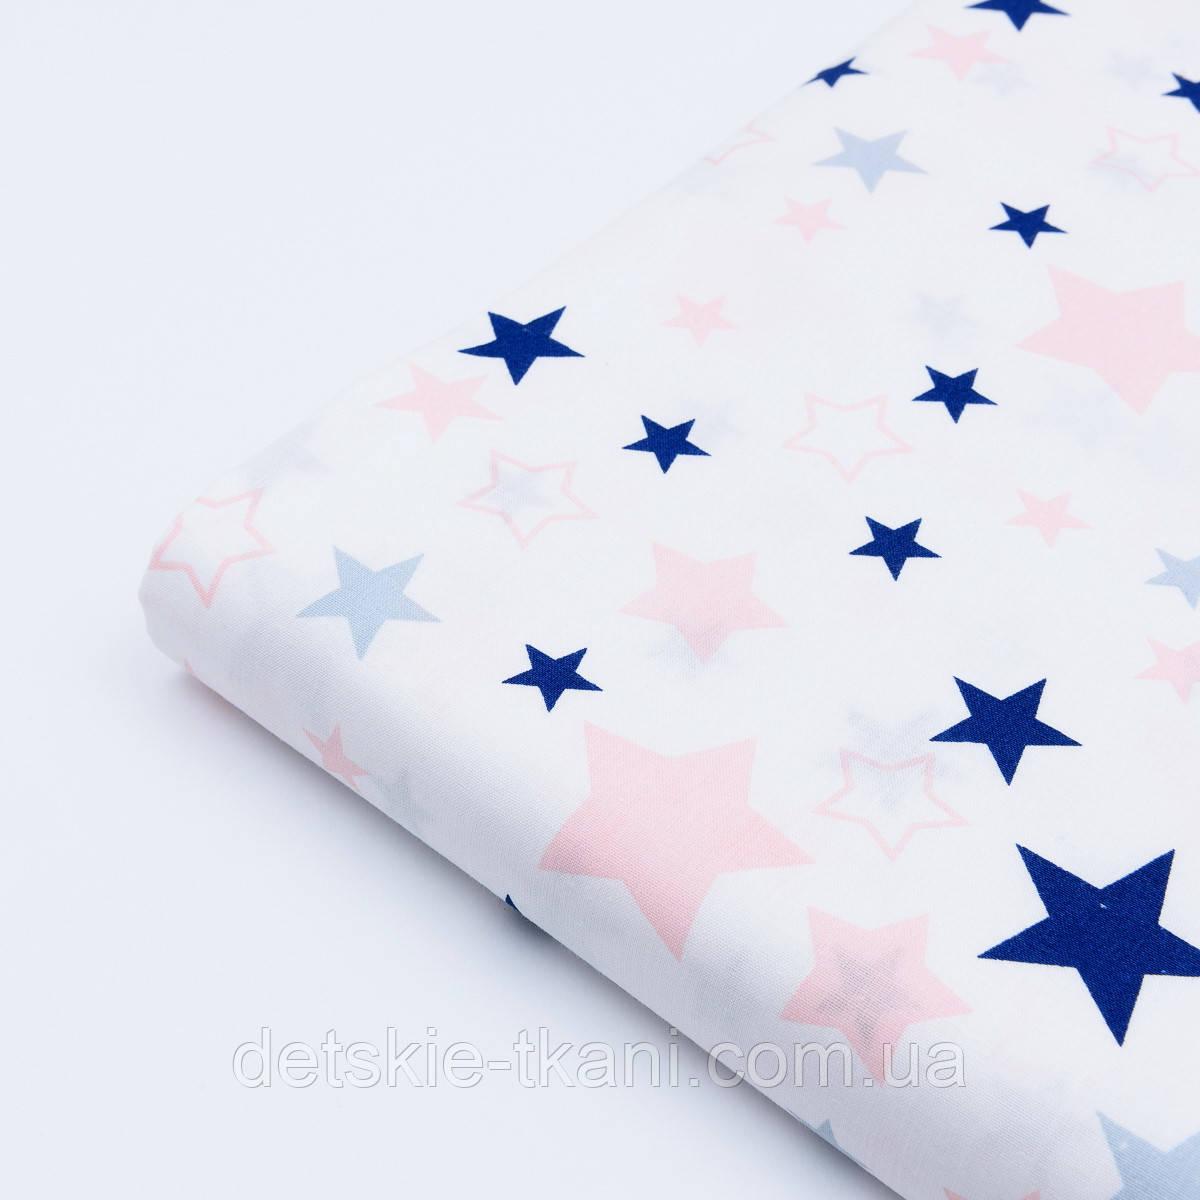 """Лоскут ткани №1029а """"Звёздный карнавал"""" с синими и розовыми звёздами на белом фоне"""